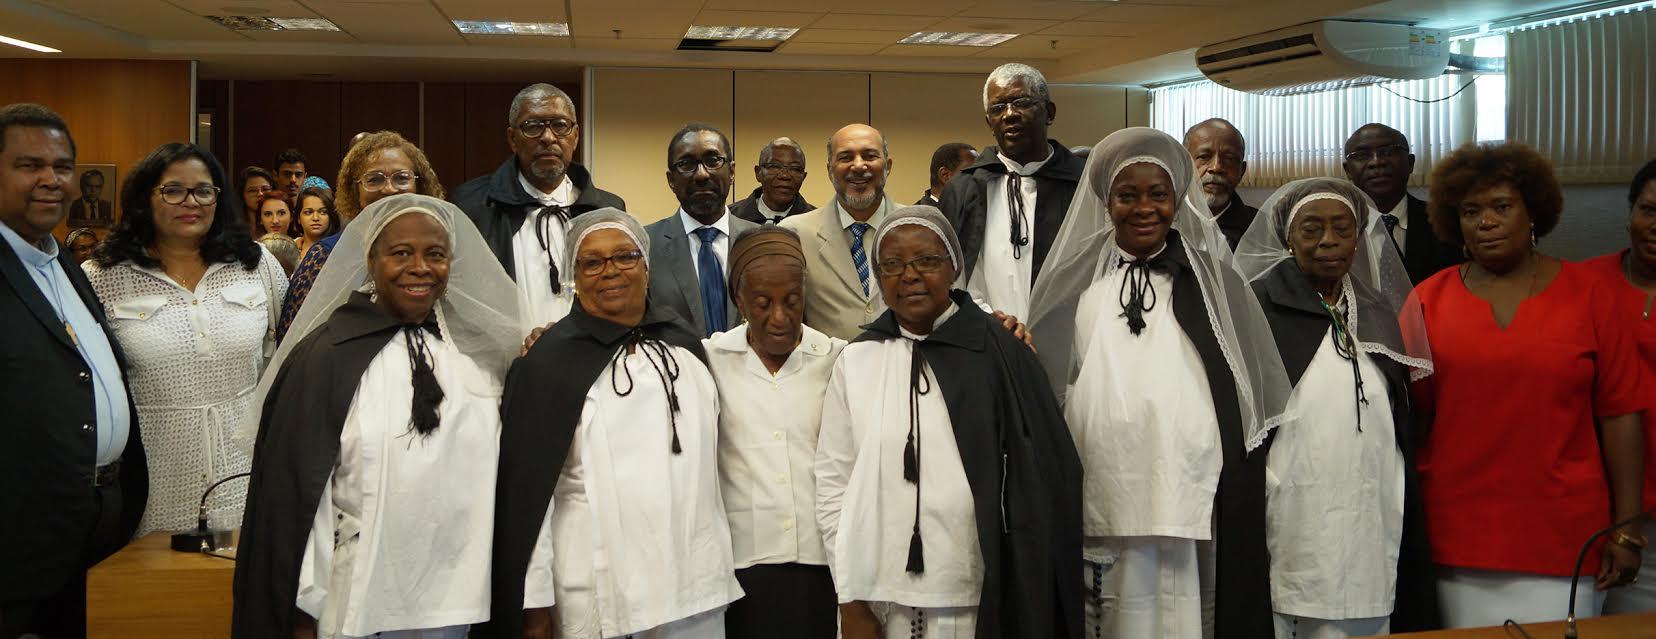 Membros da Irmandade durante homenagem na ALBA Foto: Divulgação